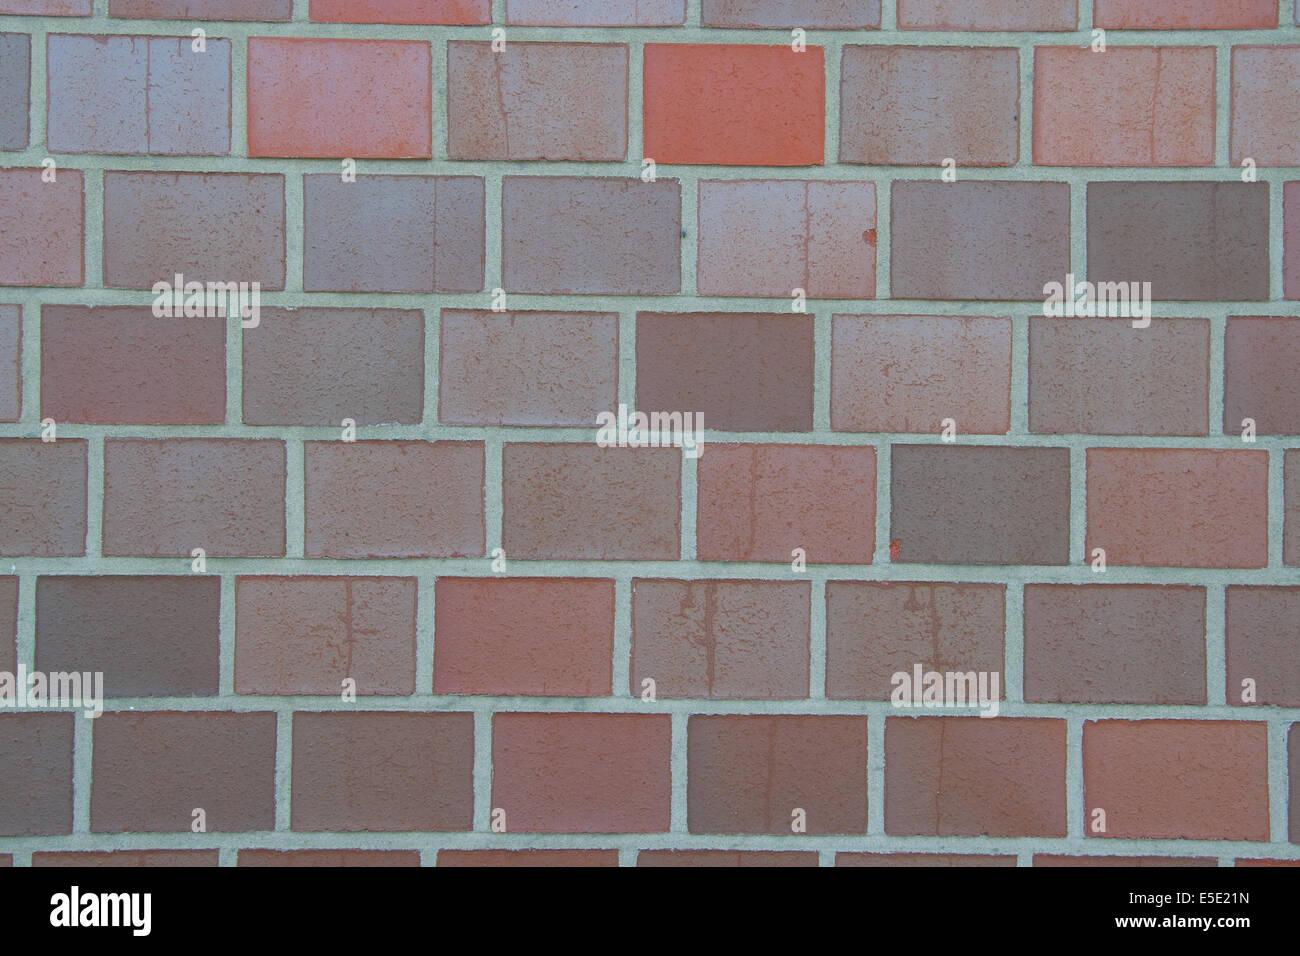 Mauer Mauerwerk Klinker Verklinkert Verklinkerung Steine Stein Blende Backstein fassade Horizontal Konstruktion - Stock Image